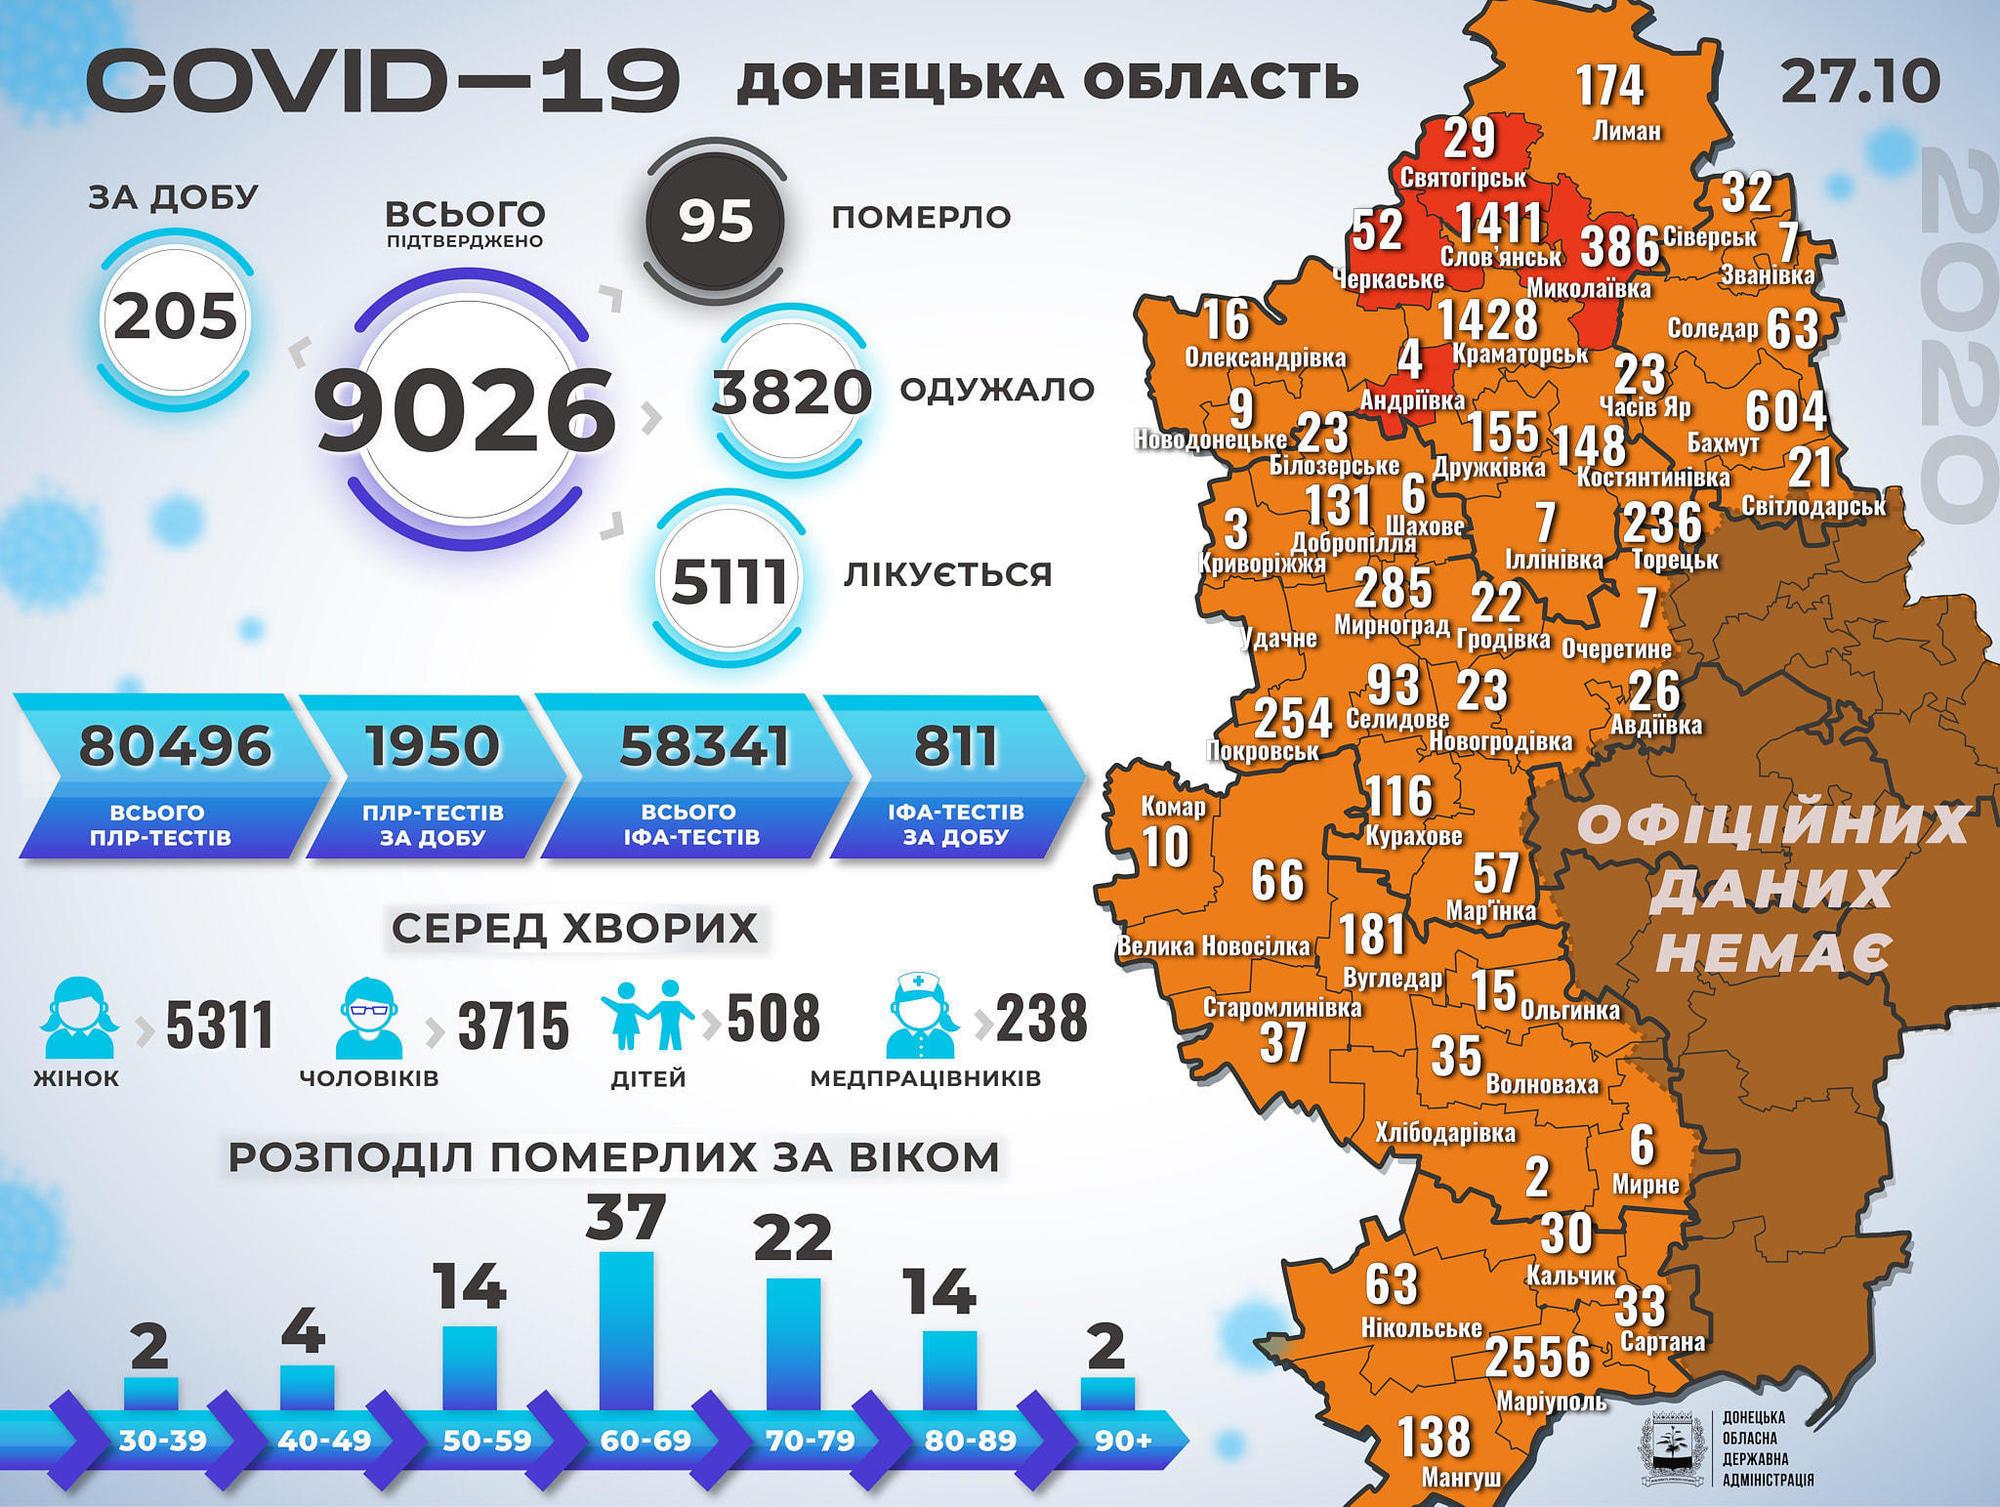 инфографика Донецкая область коронавирус на 28 октября